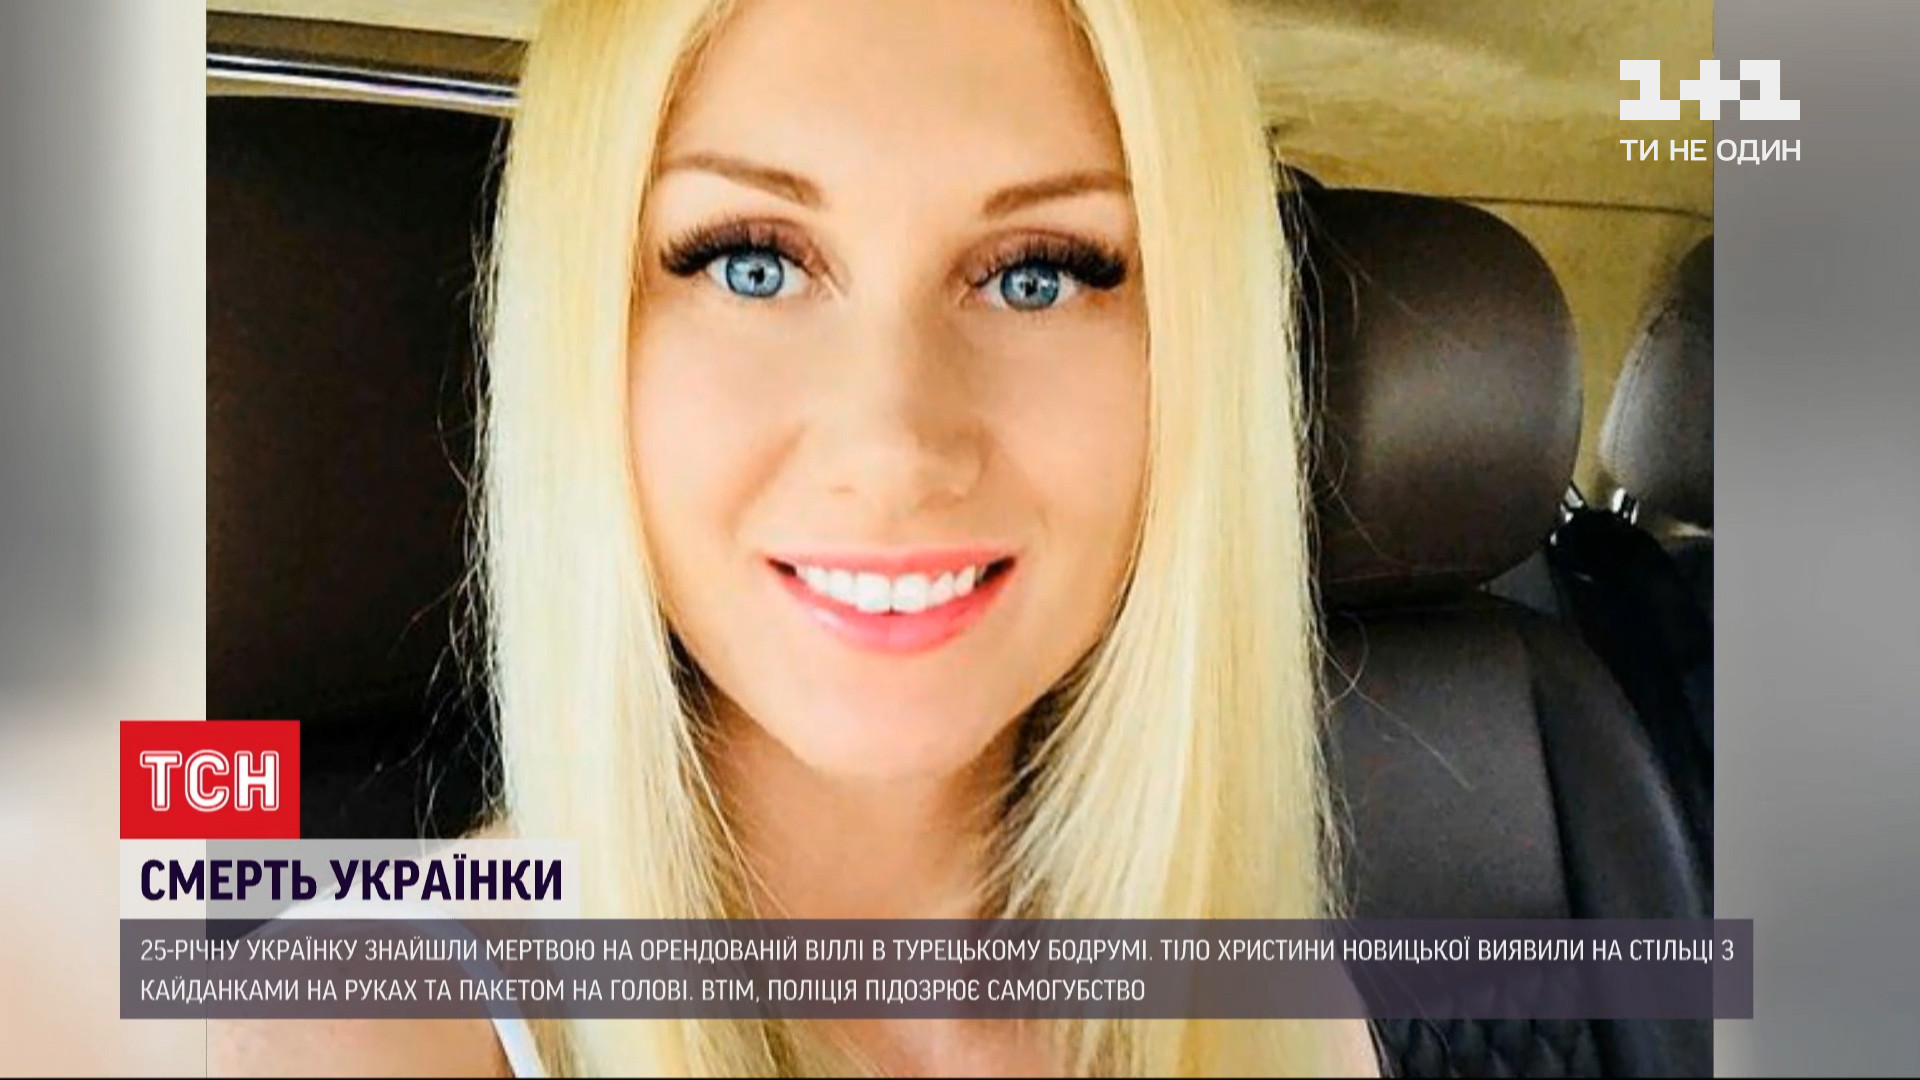 В Турции нашли мертвой украинку / скриншот